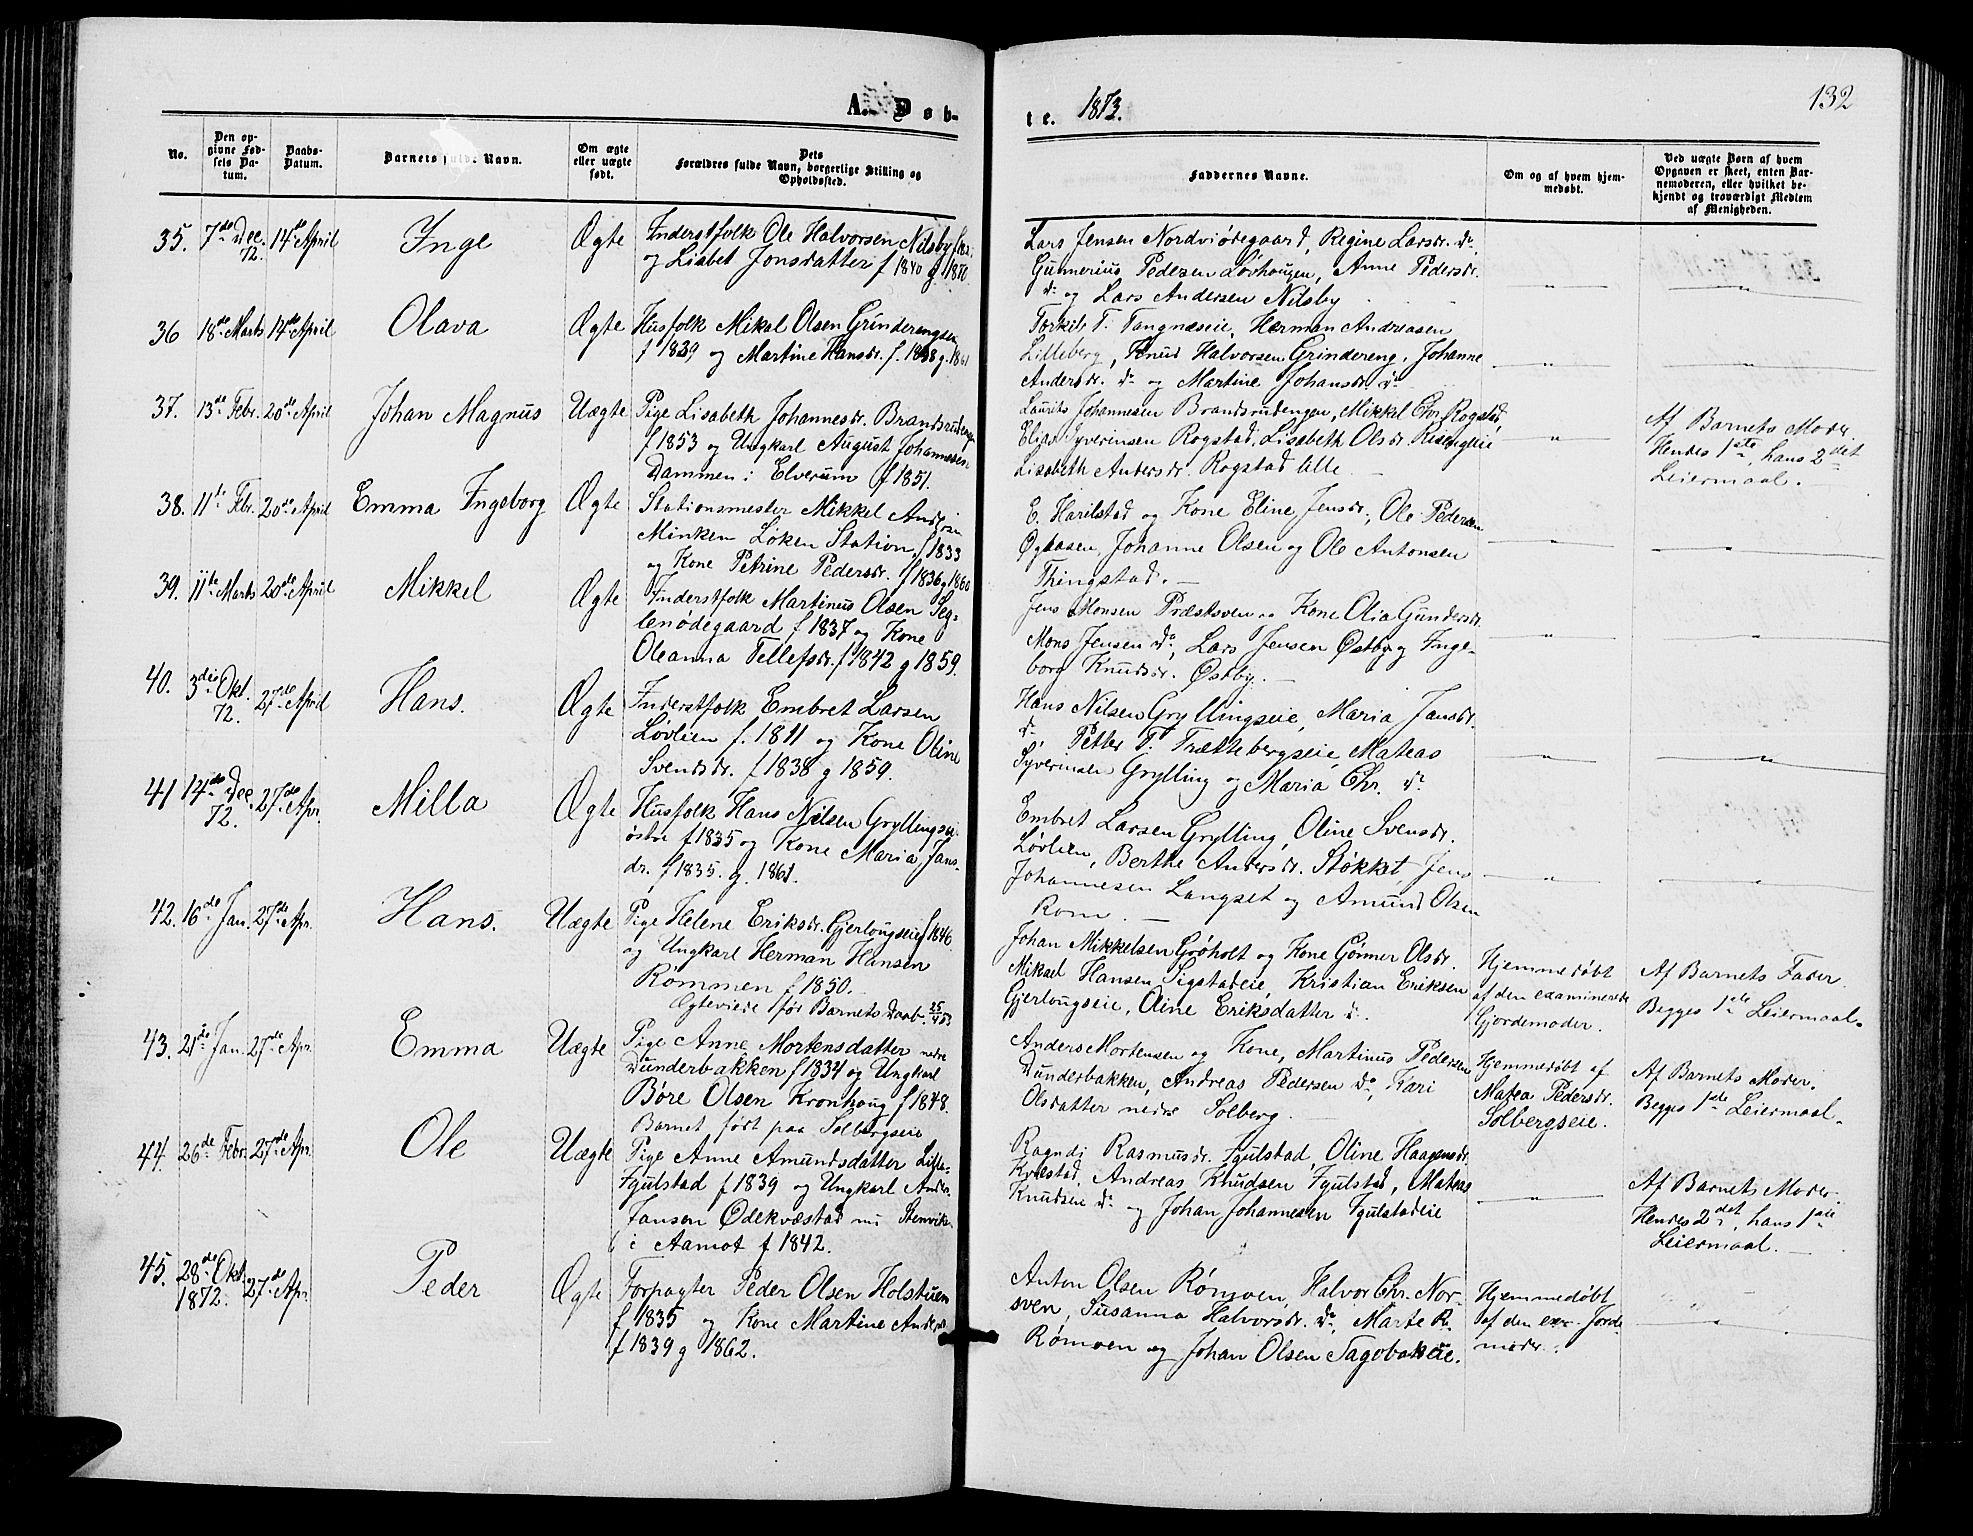 SAH, Løten prestekontor, L/La/L0004: Klokkerbok nr. 4, 1863-1877, s. 132